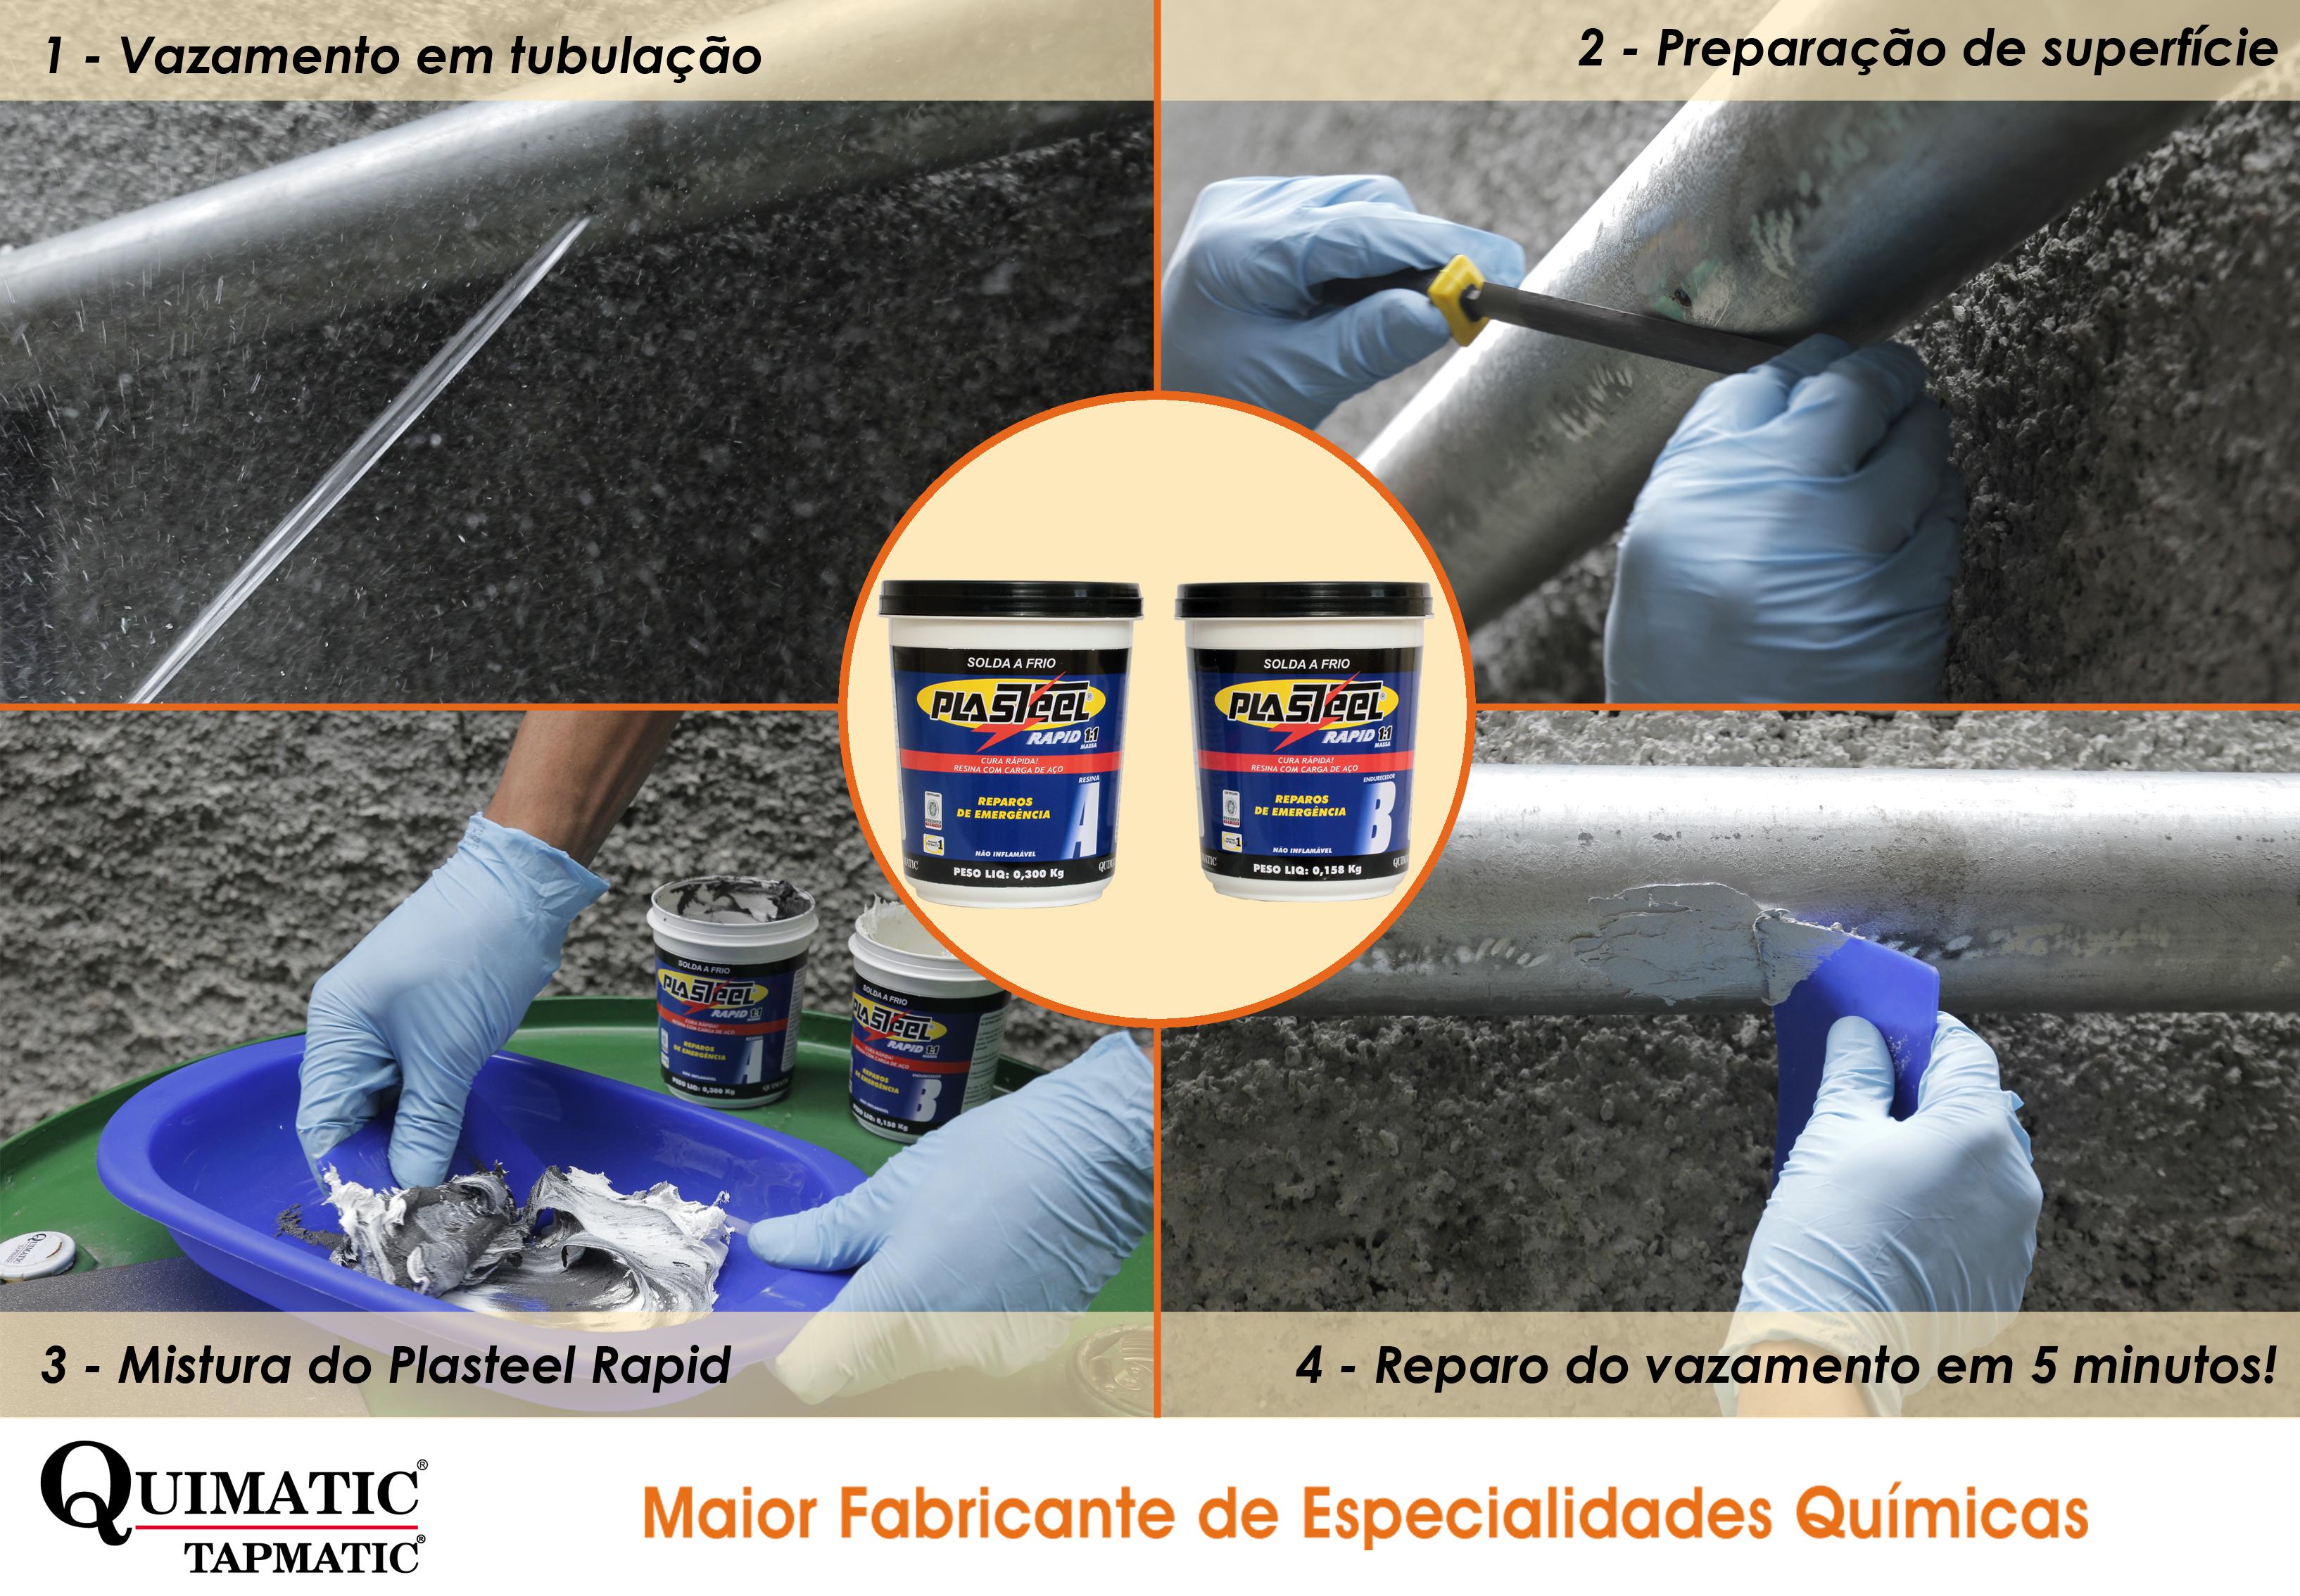 processo de reparo de vazamento de tubulação utilizando a solda a frio Plasteel Rapid